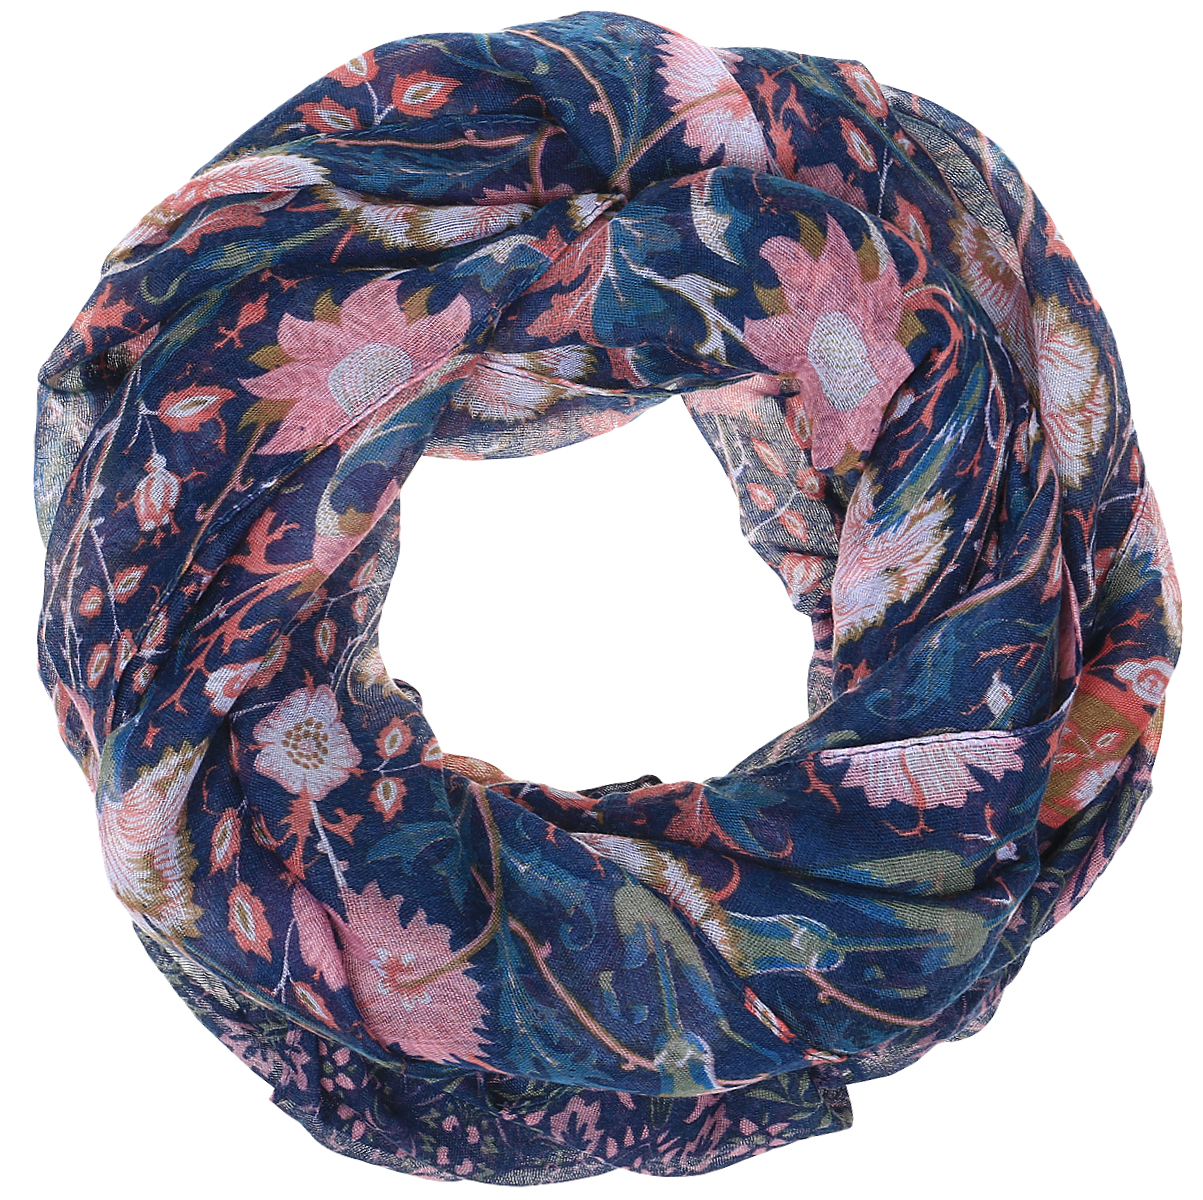 Палантин Sophie Ramage, цвет: синий, розовый. BT-11701-51. Размер 50 см х 160 смBT-11701-51Яркий палантин Sophie Ramage изготовлен из модала и шелка. Модель оформлена оригинальным принтом. Изделия Sophie Ramage приятные на ощупь и подойдут к любому стилю.